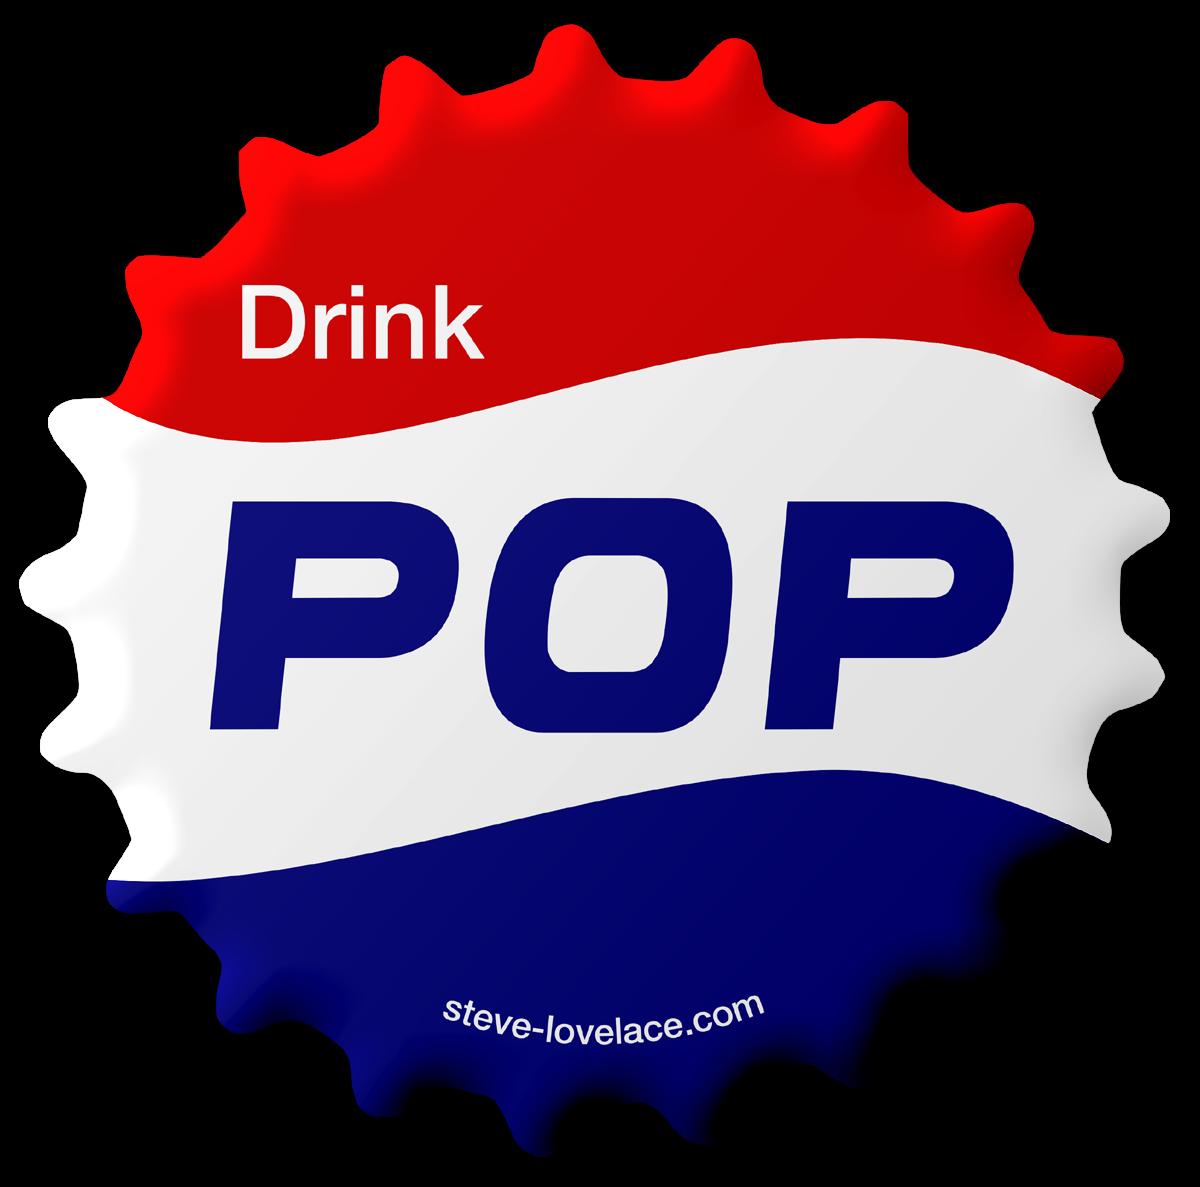 Words clipart pop. Soda vs coke steve